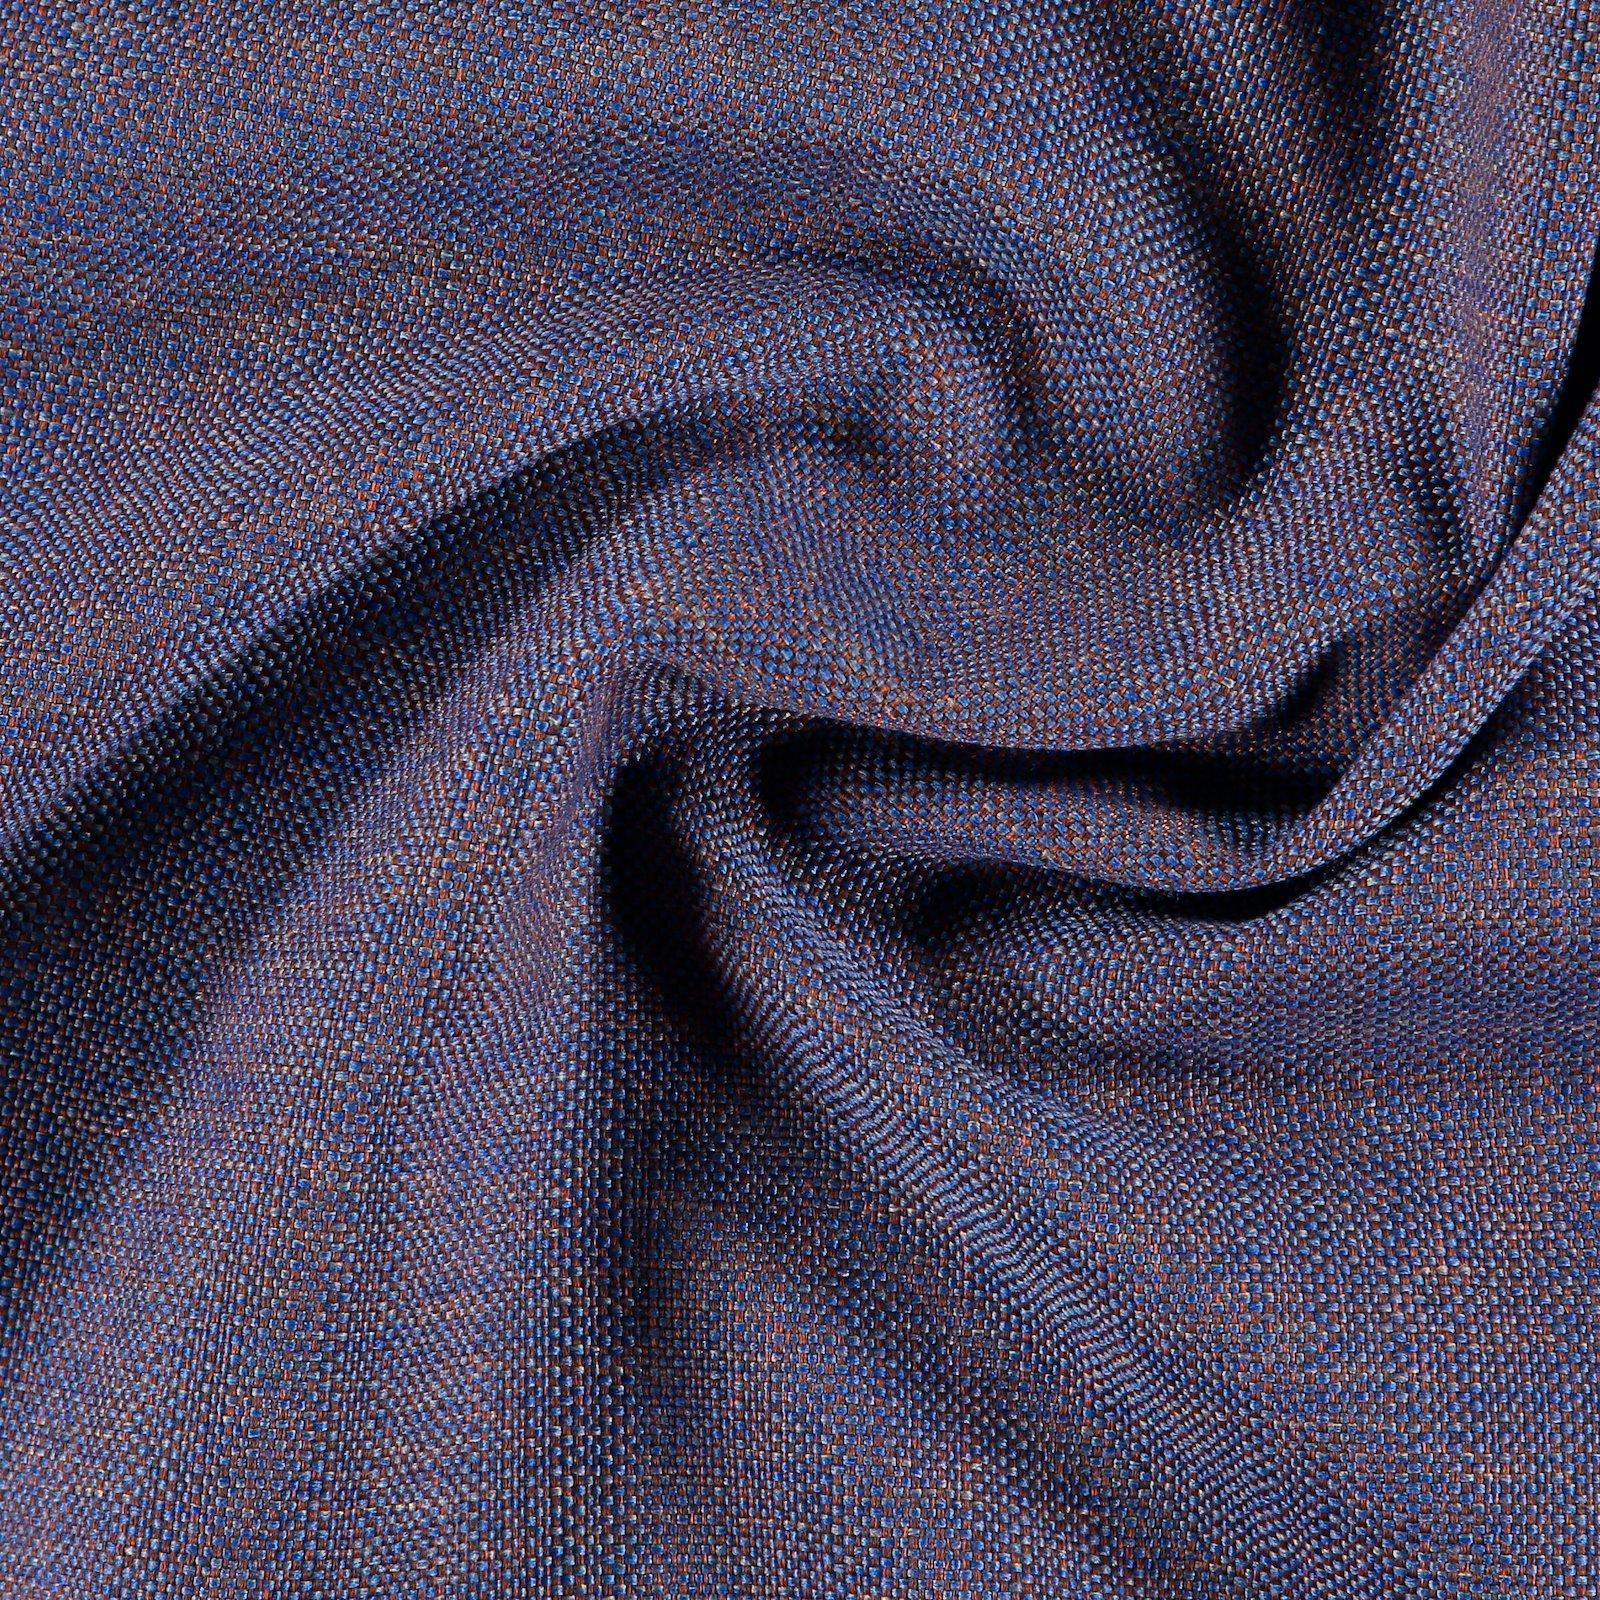 Möbelstruktur, Kobaltblau/Karamel 824156_pack